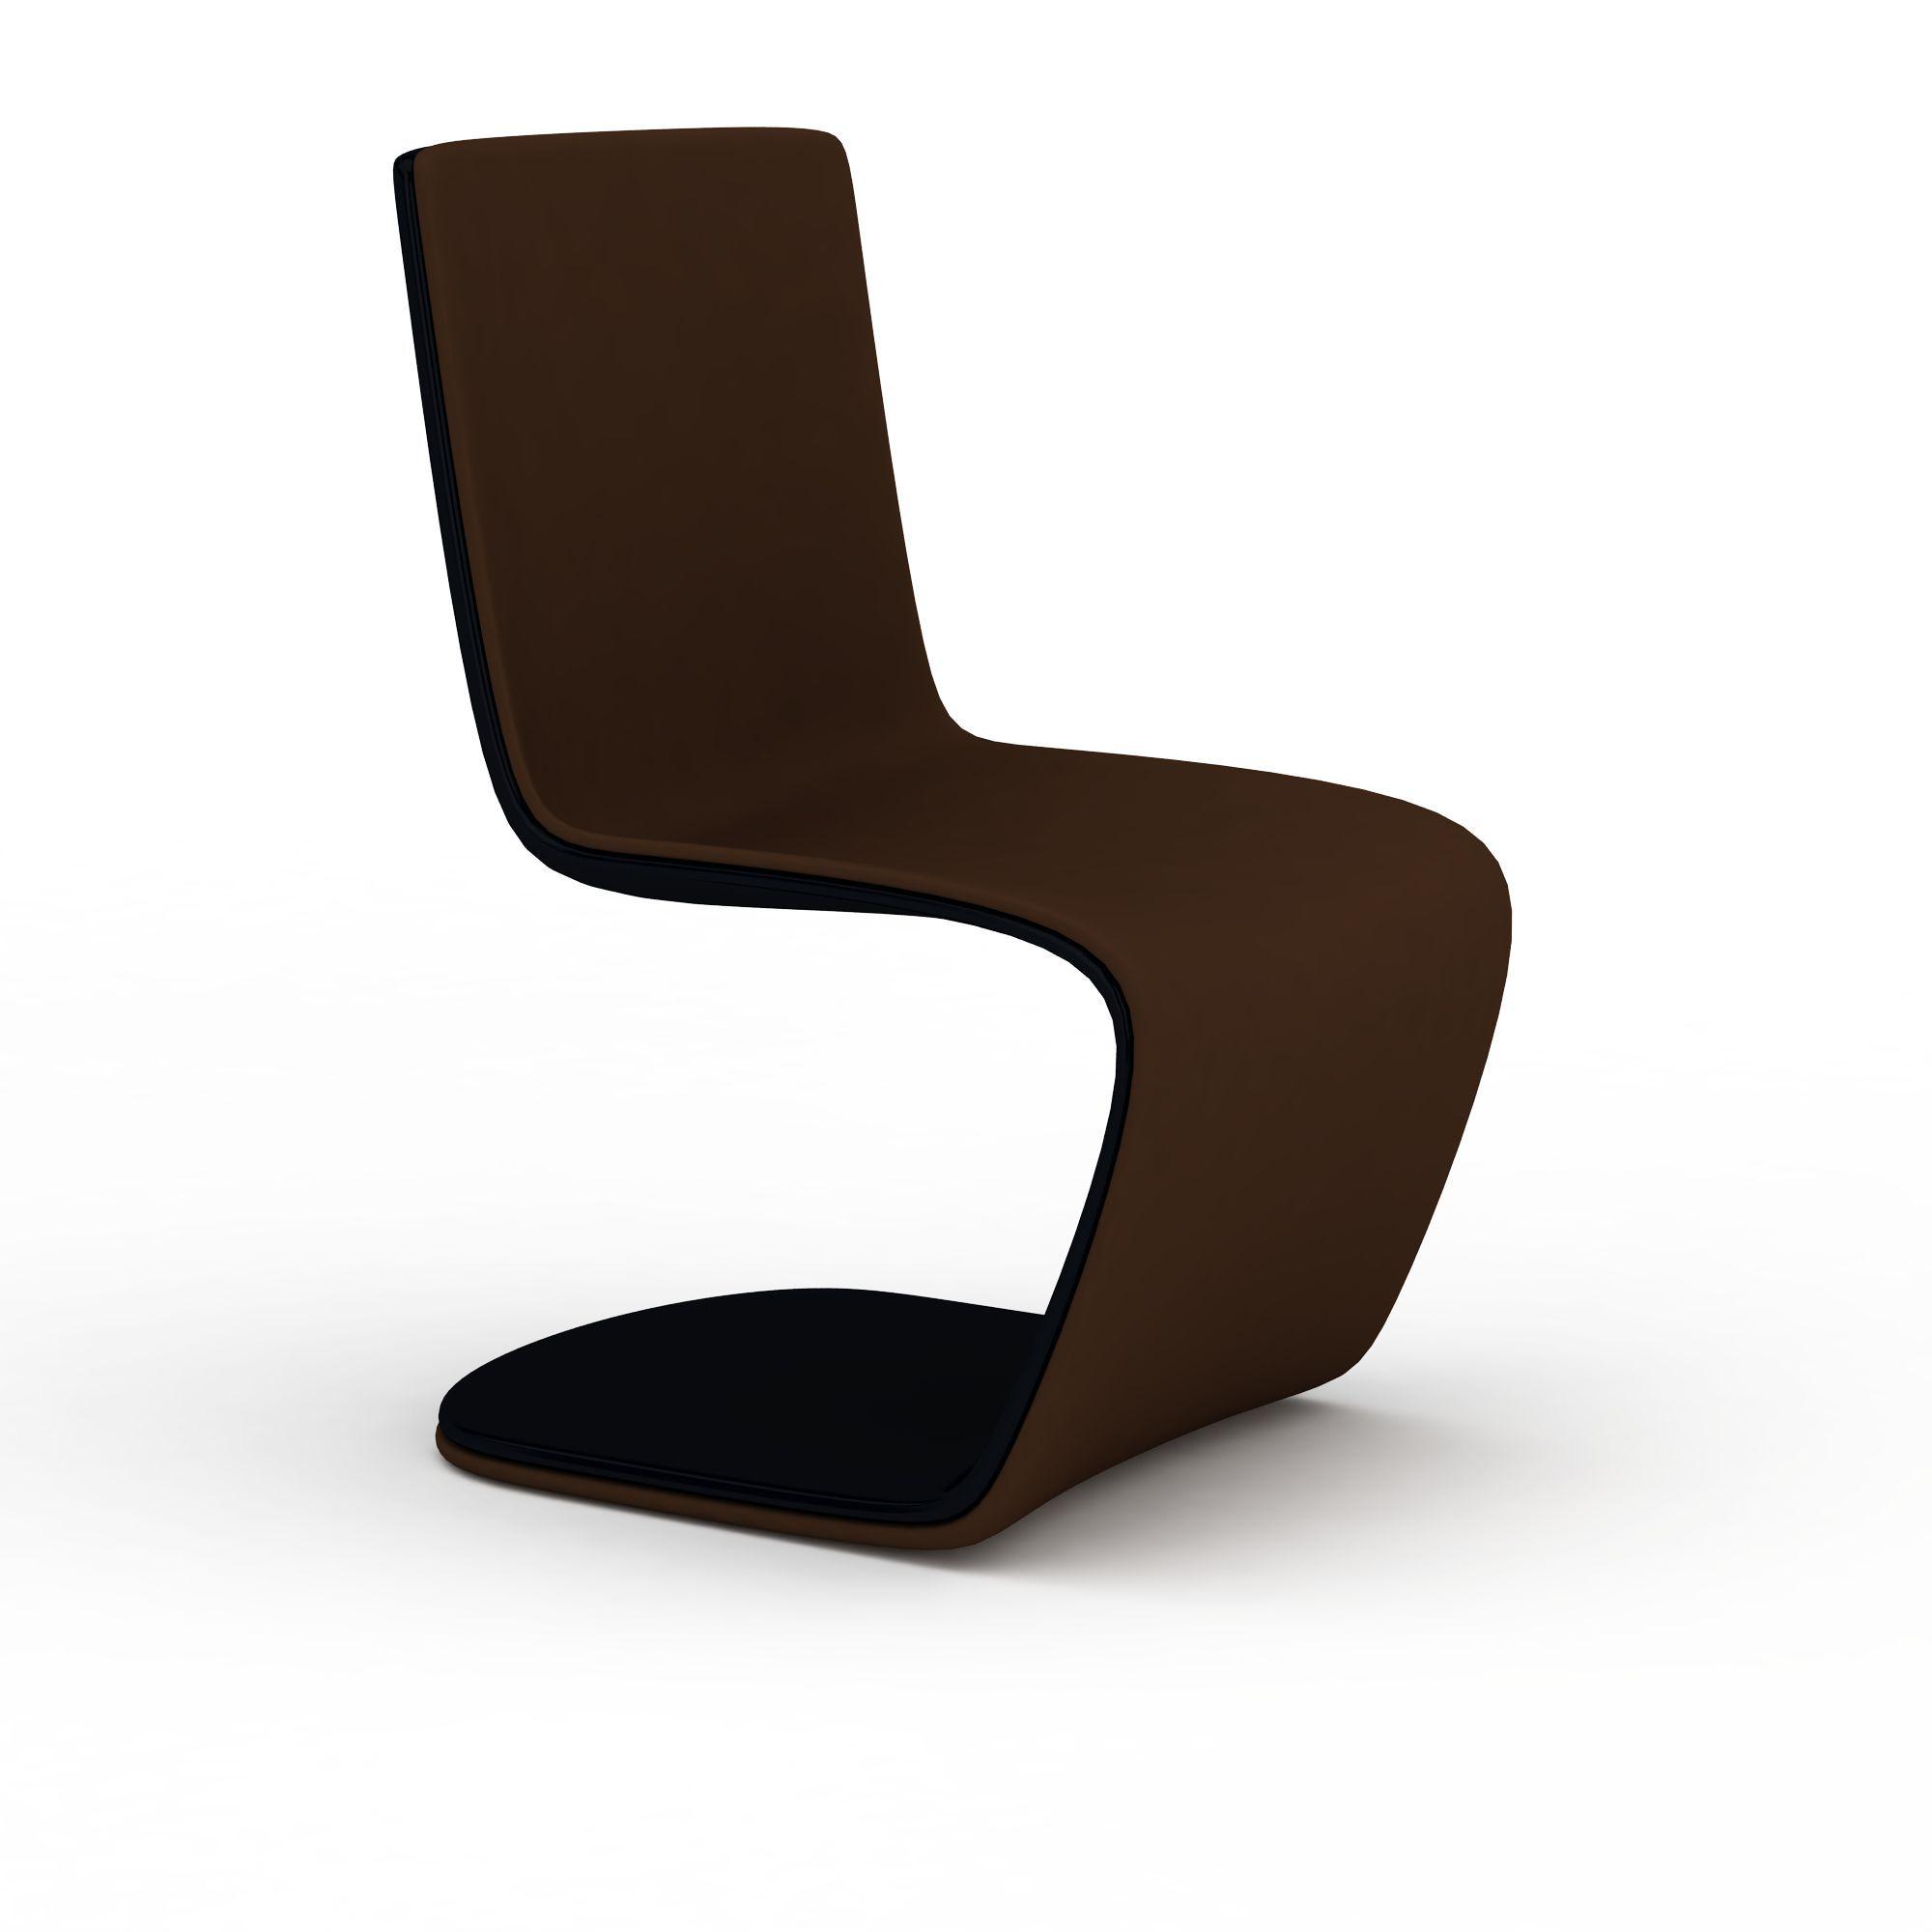 木质休息椅高清图下载